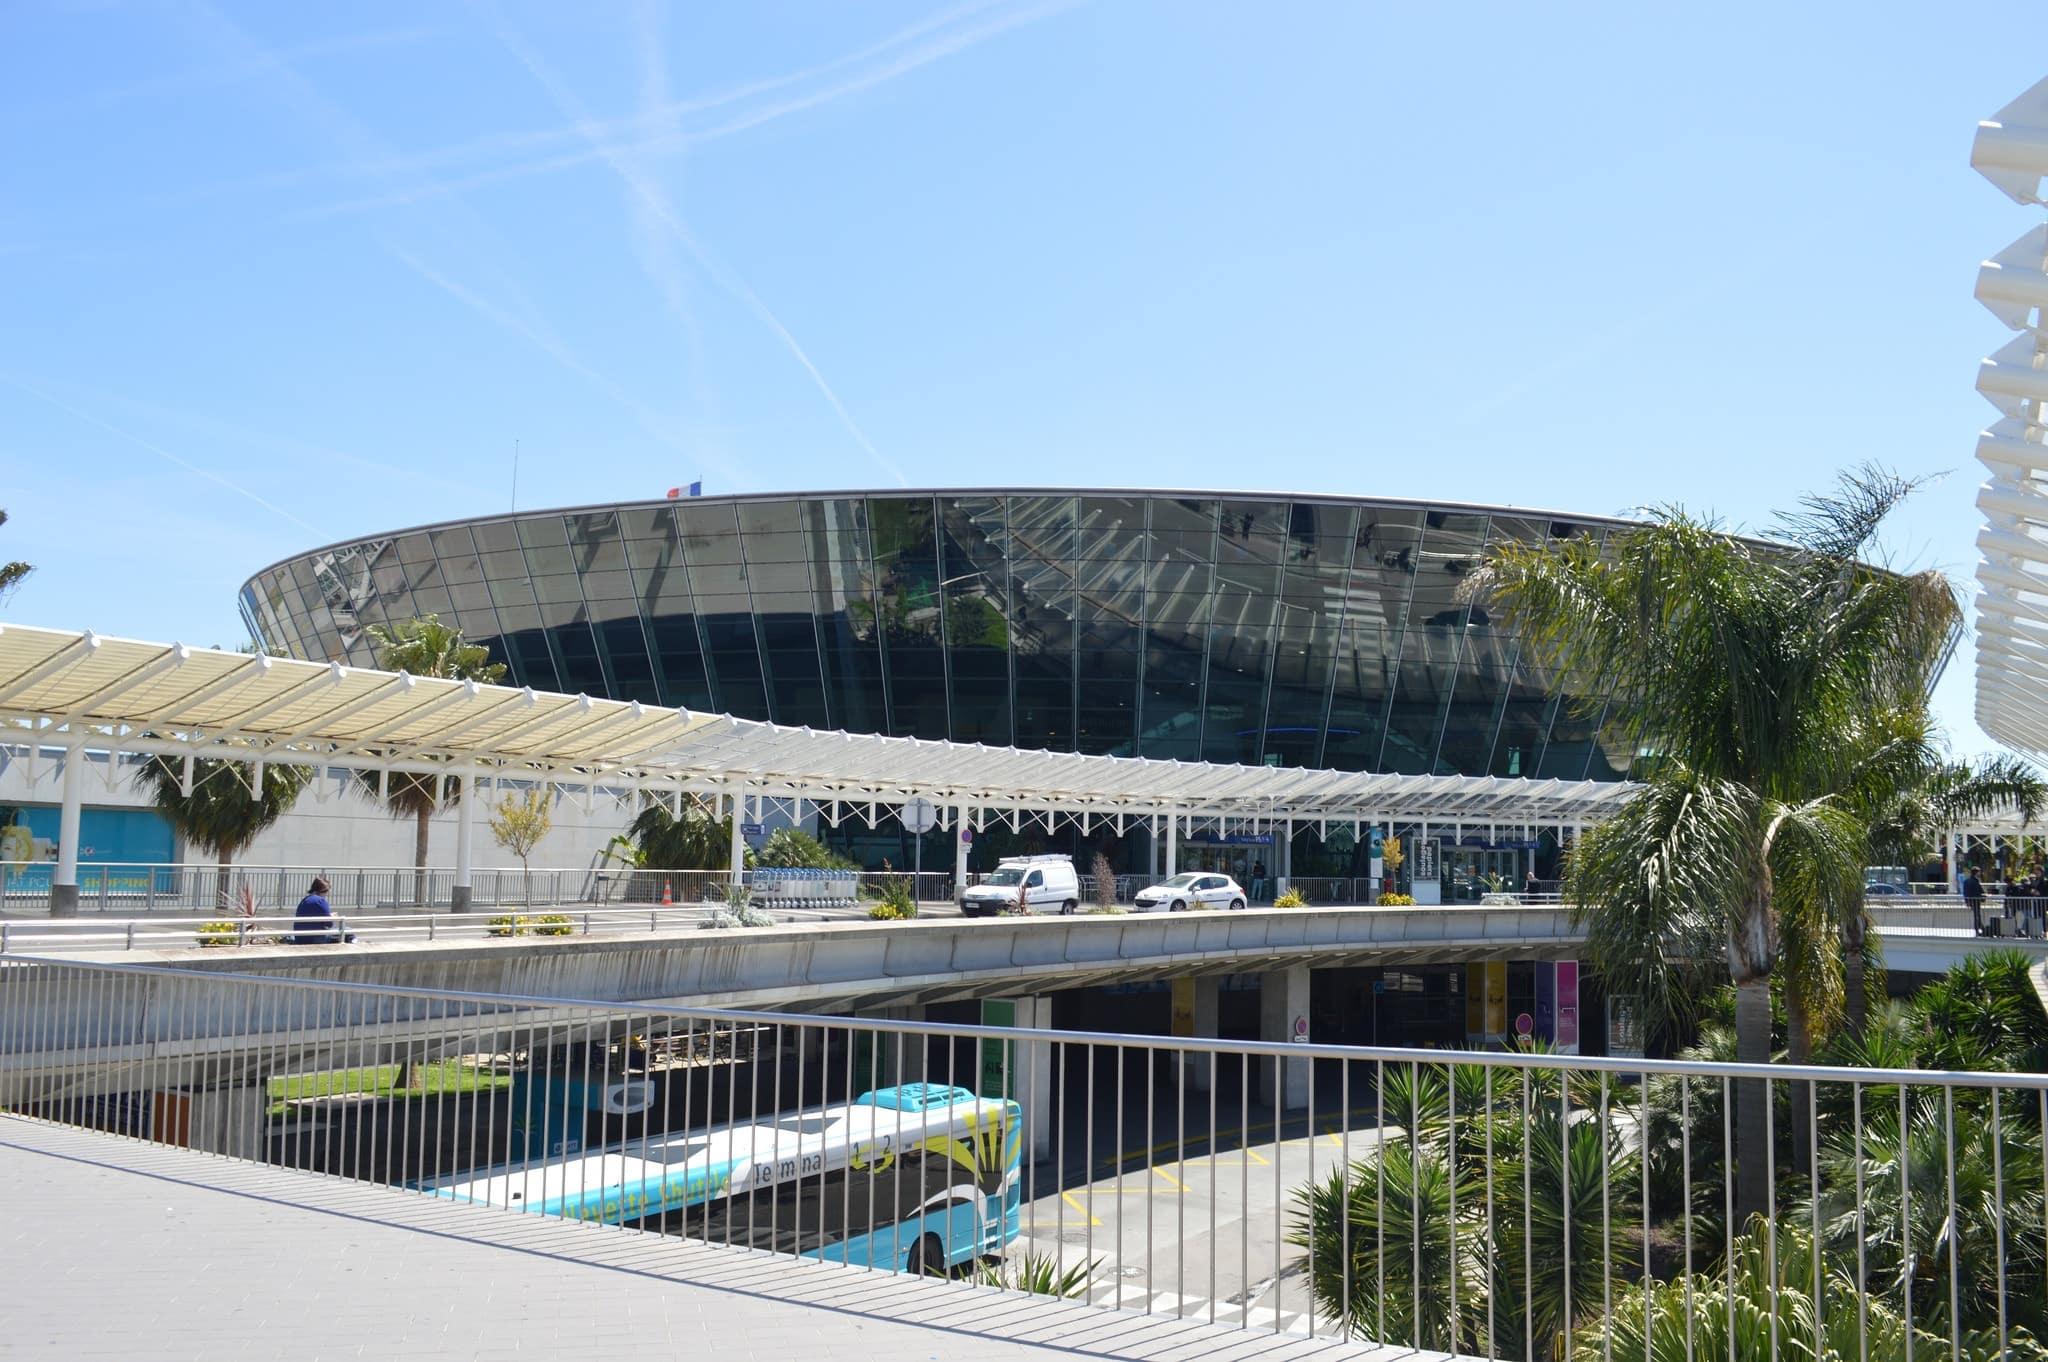 aéroport de nice avec chauffeur privé VTC Alpes-Maritimes